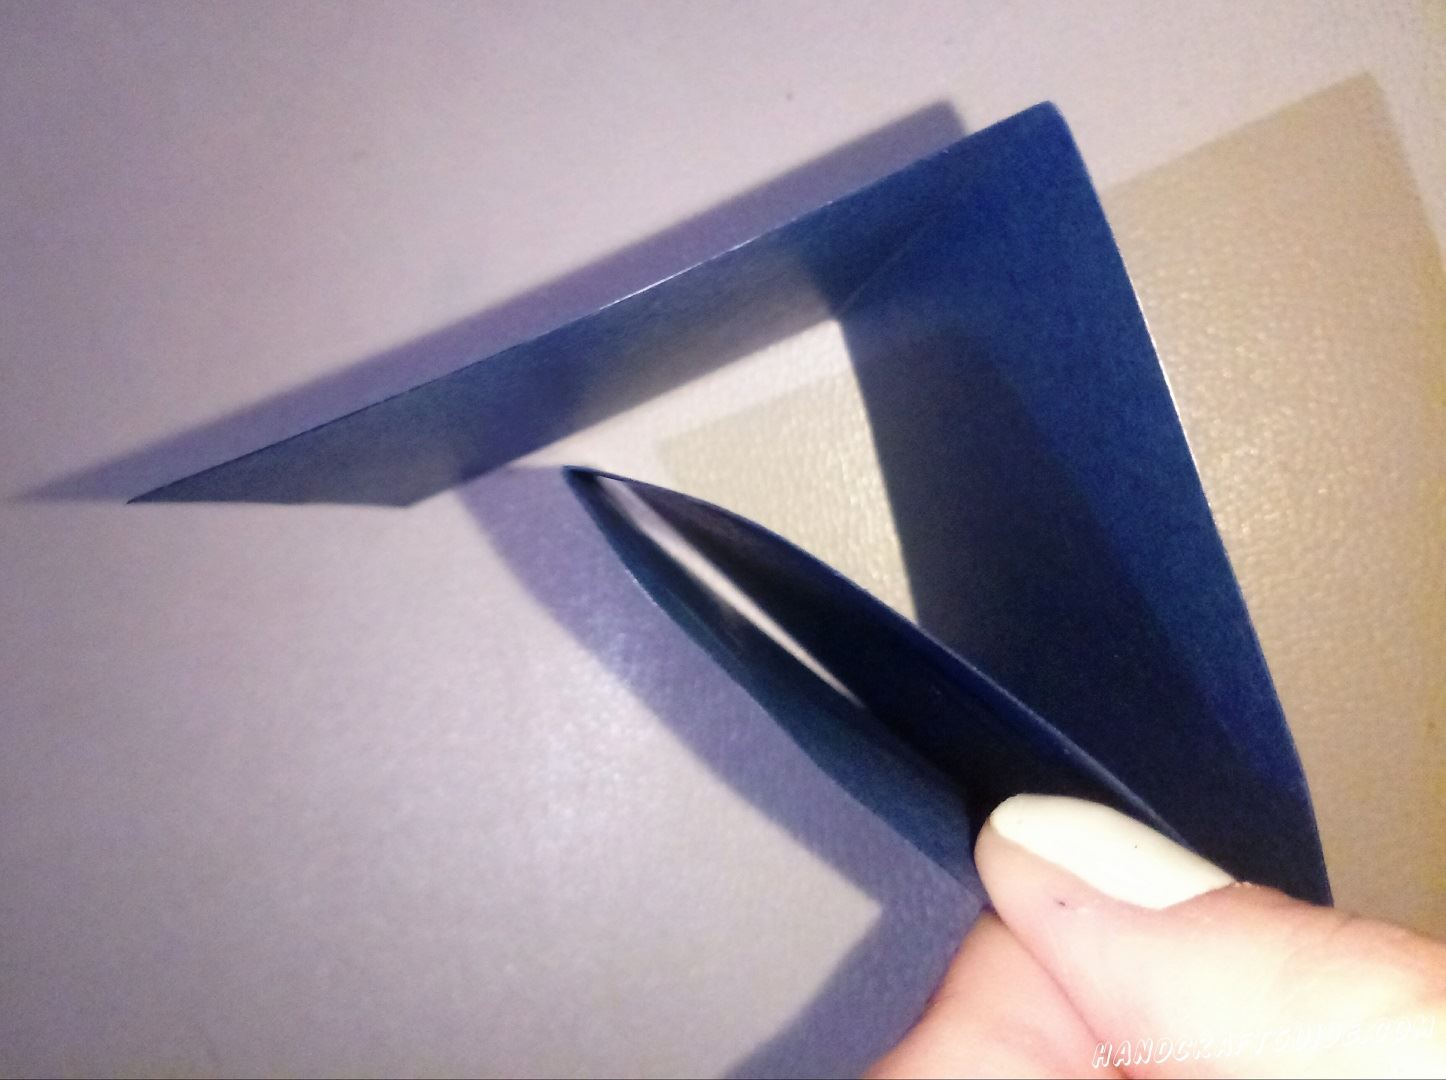 Берем широкую полоску синей бумаги и сгибаем её до небольшого прямоугольника